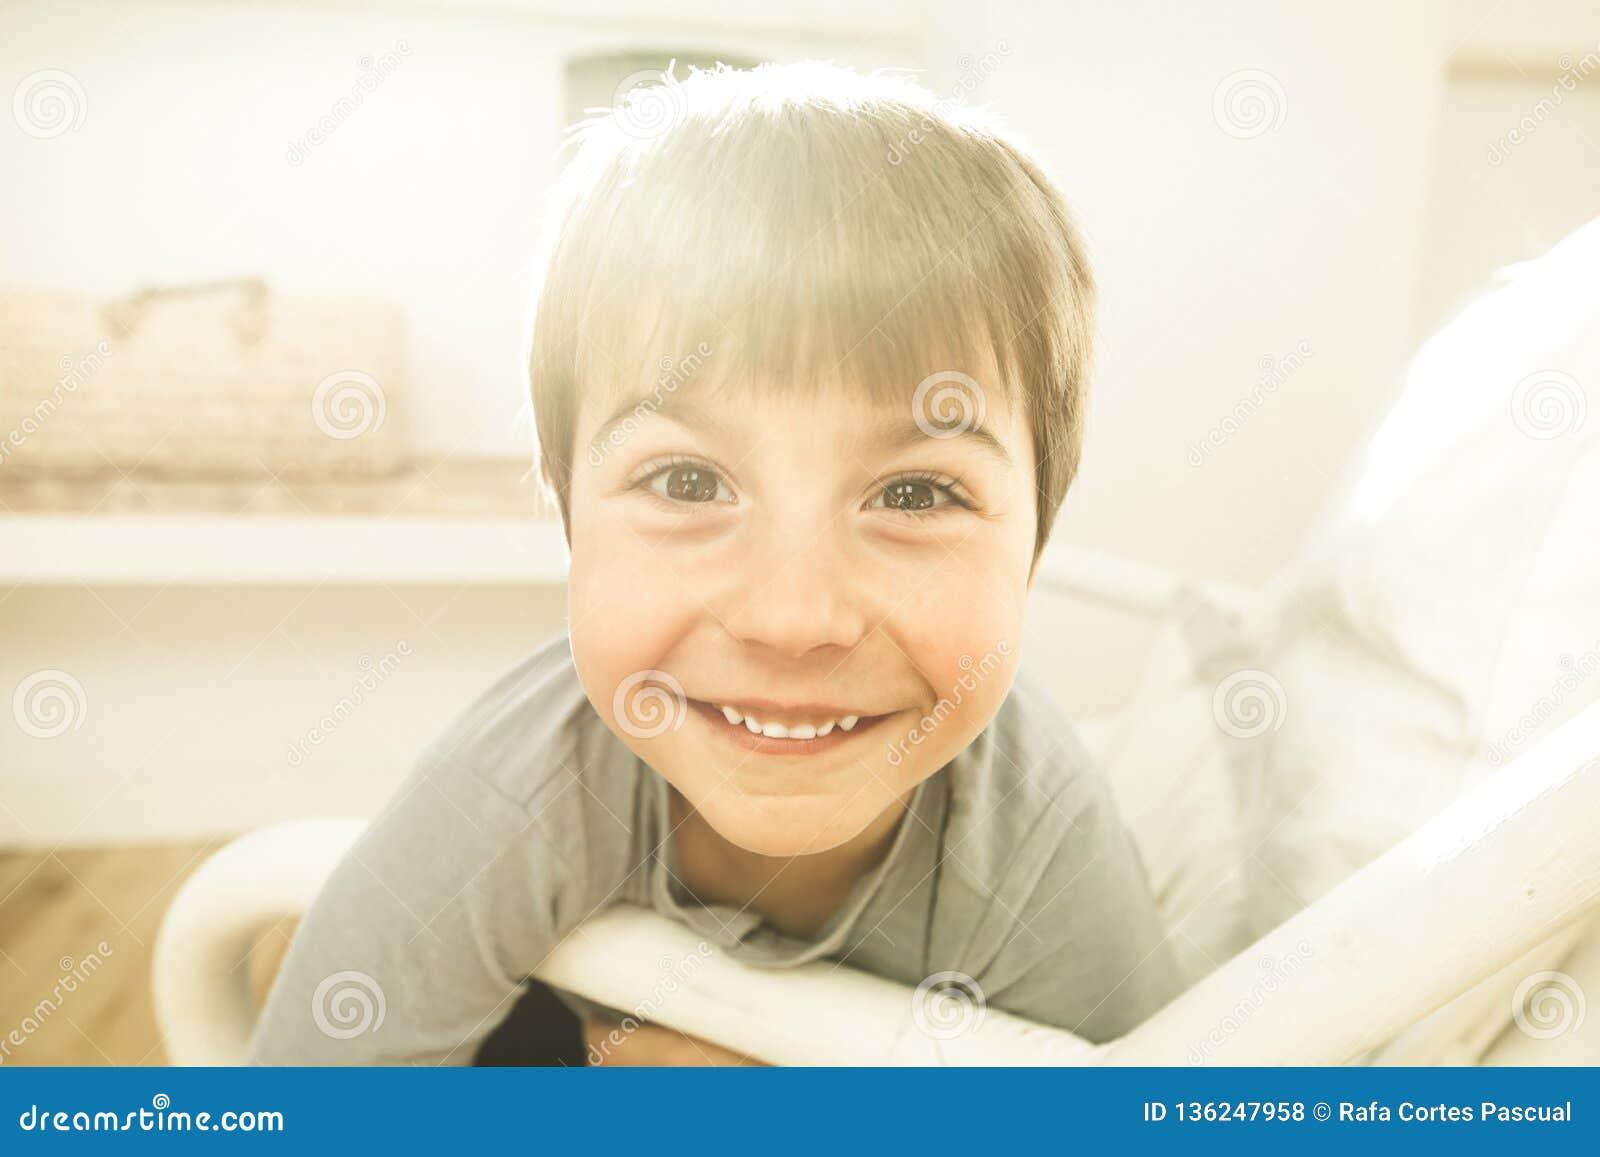 Retrato de um sorriso e de uma criança feliz em casa Criança com expressão alegre